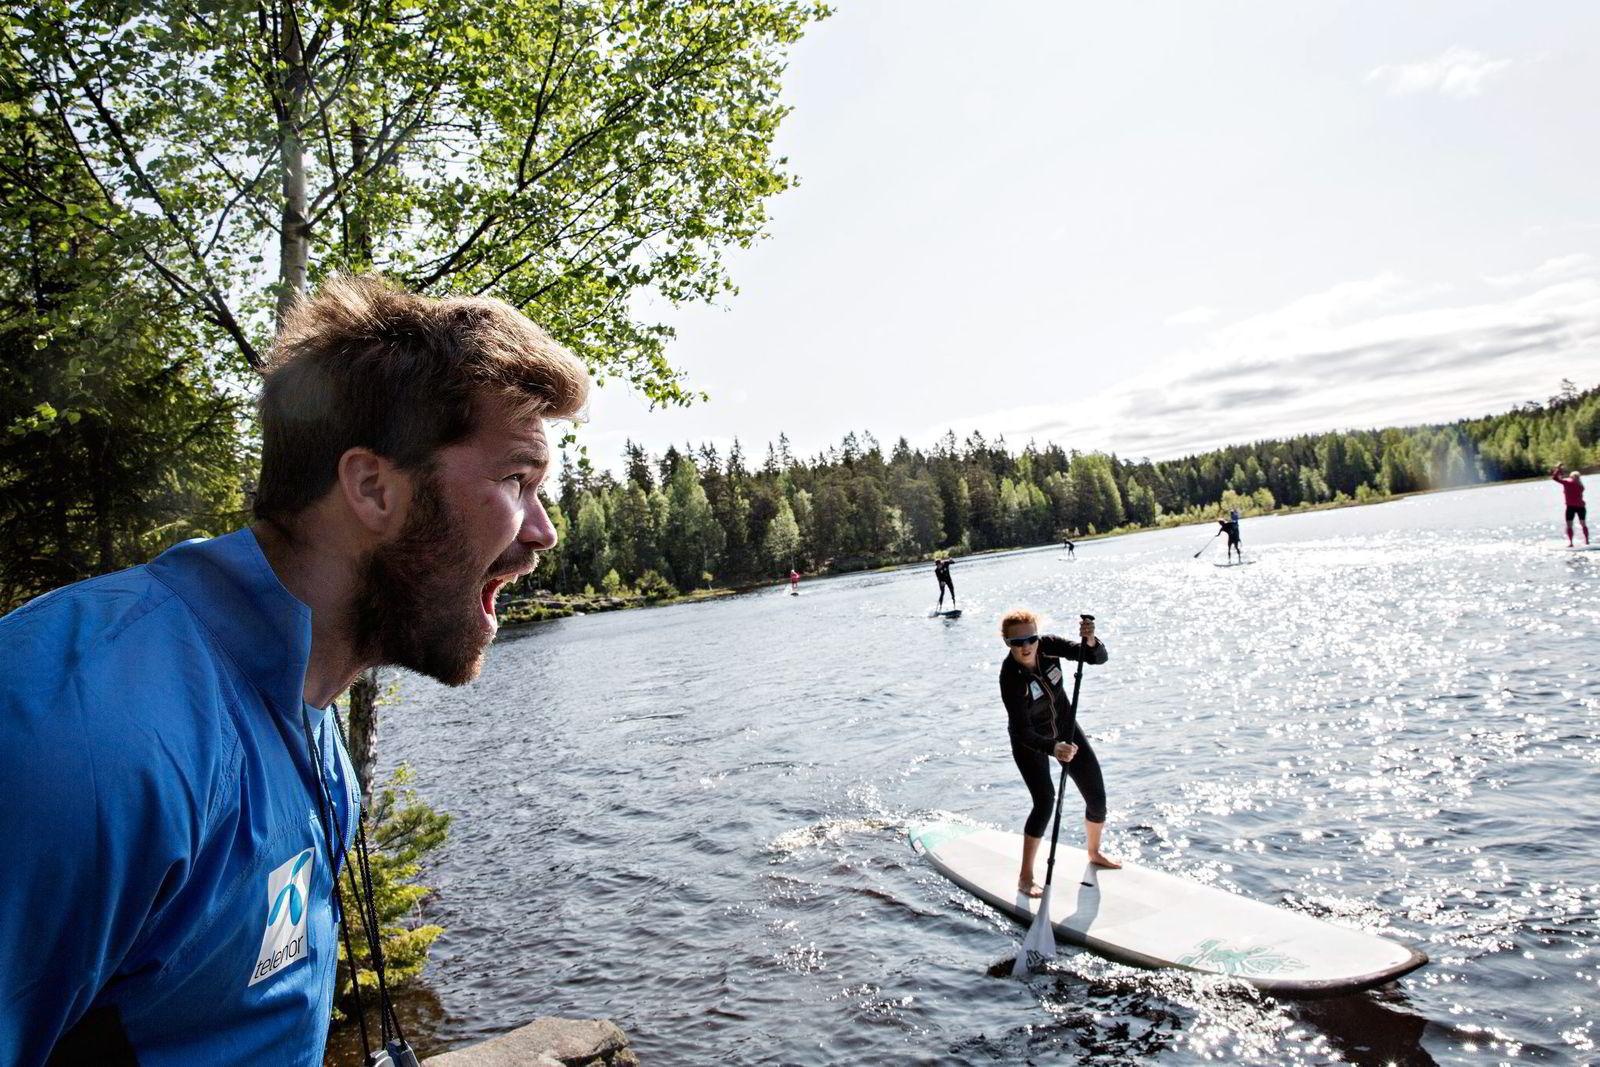 Fysisk trener Lars Mæland er sjefen når alpinistene må slite i sommermånedene. Ved Svartkulp får Kristin Lysdahl og de andre på SUP-brettene klare beskjeder. Foto: Aleksander Nordahl